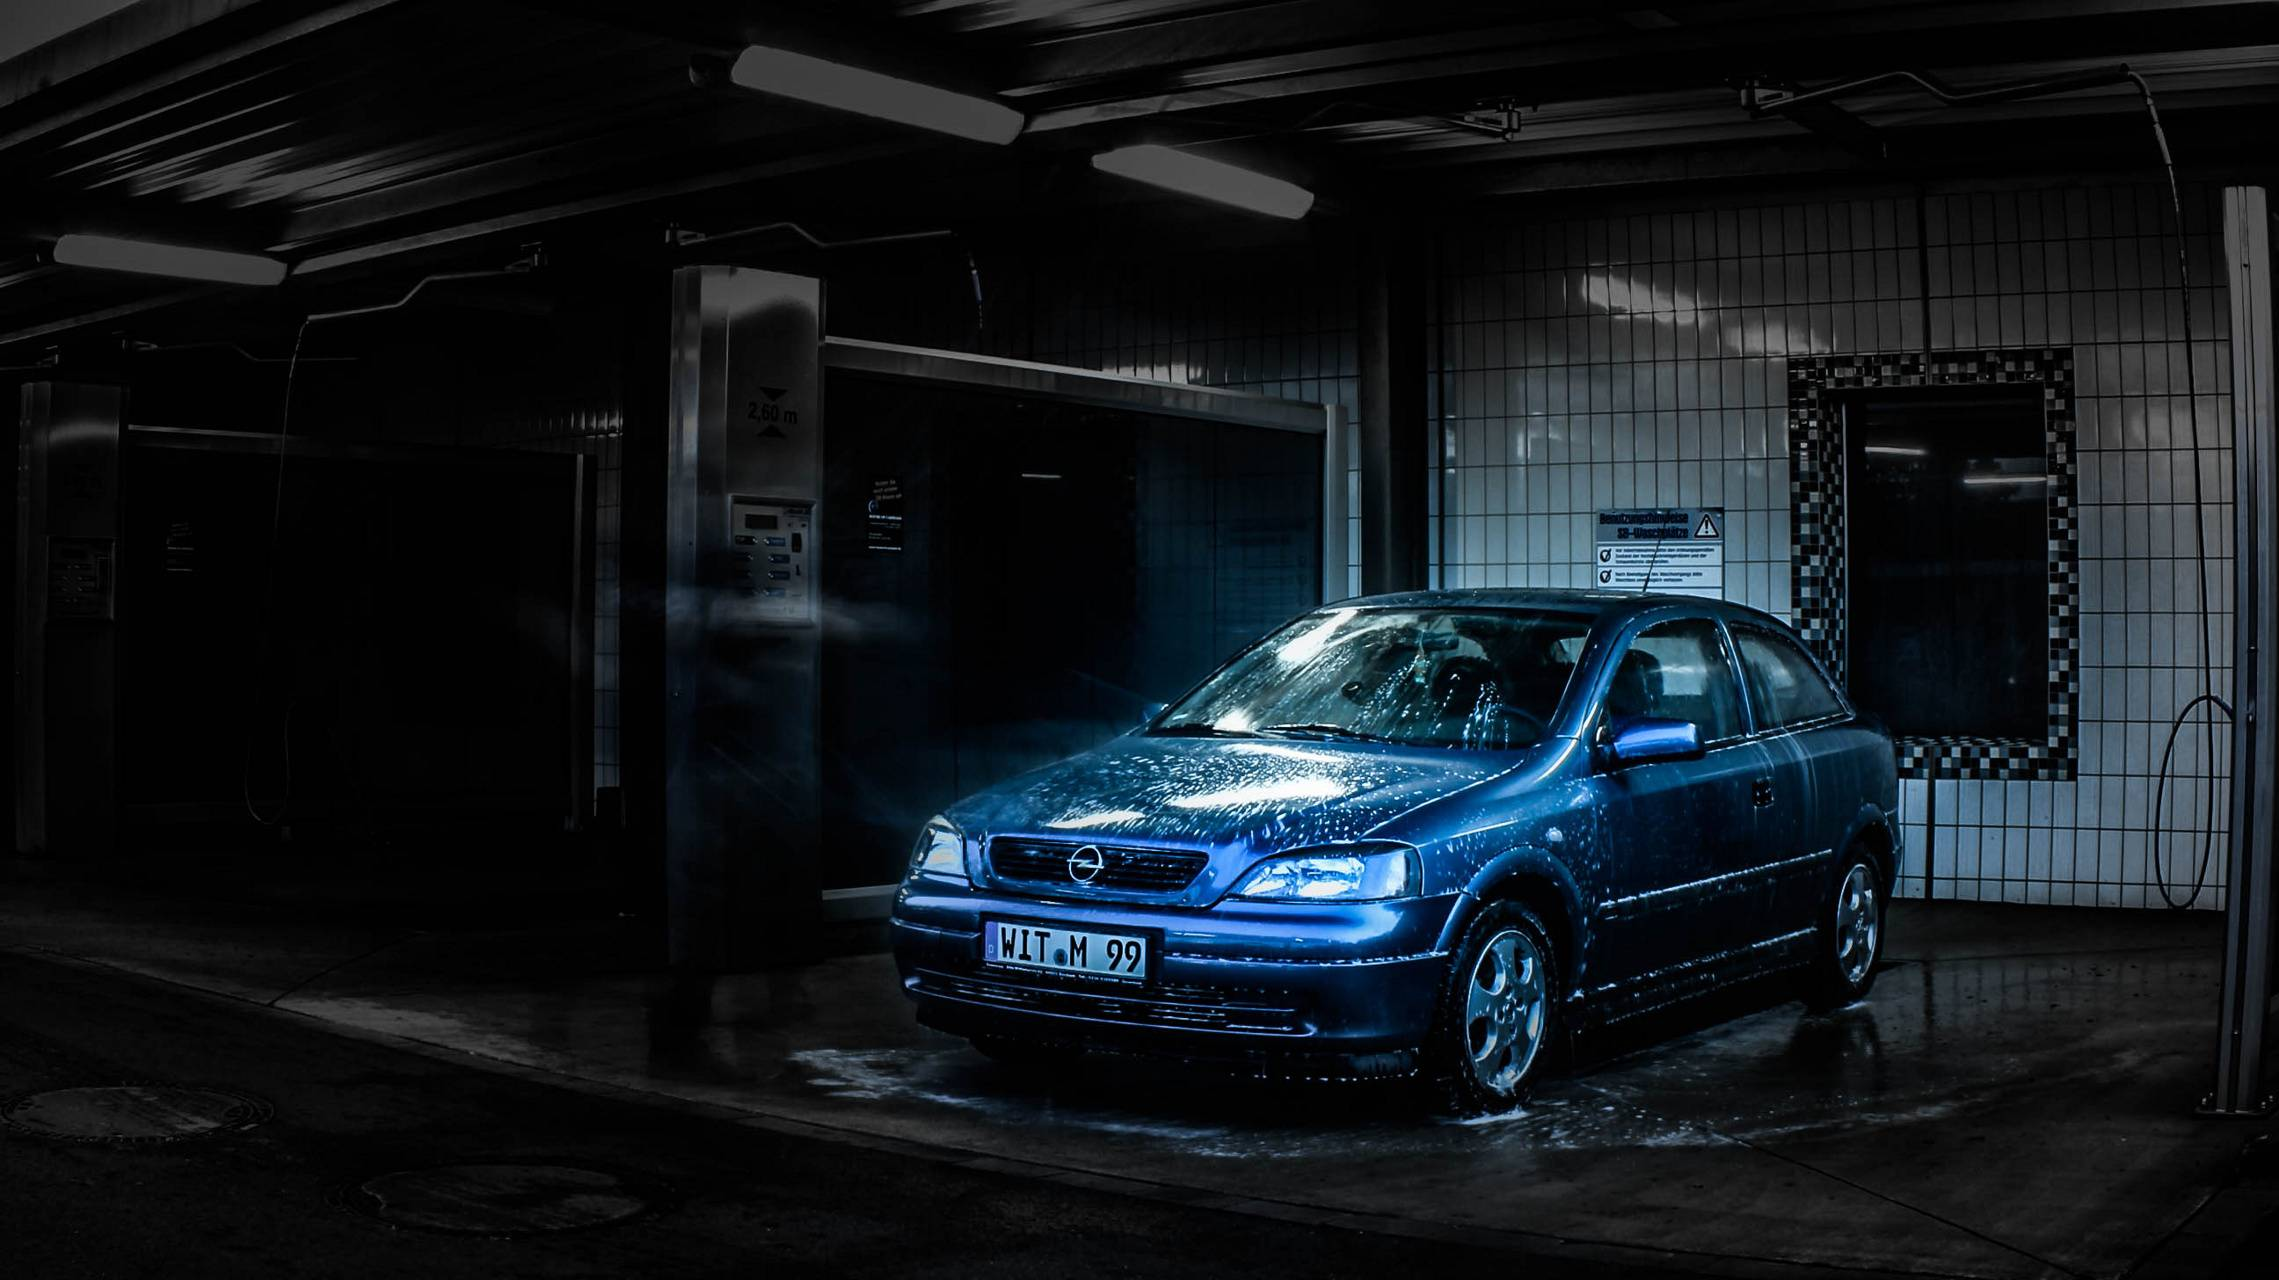 Opel witten